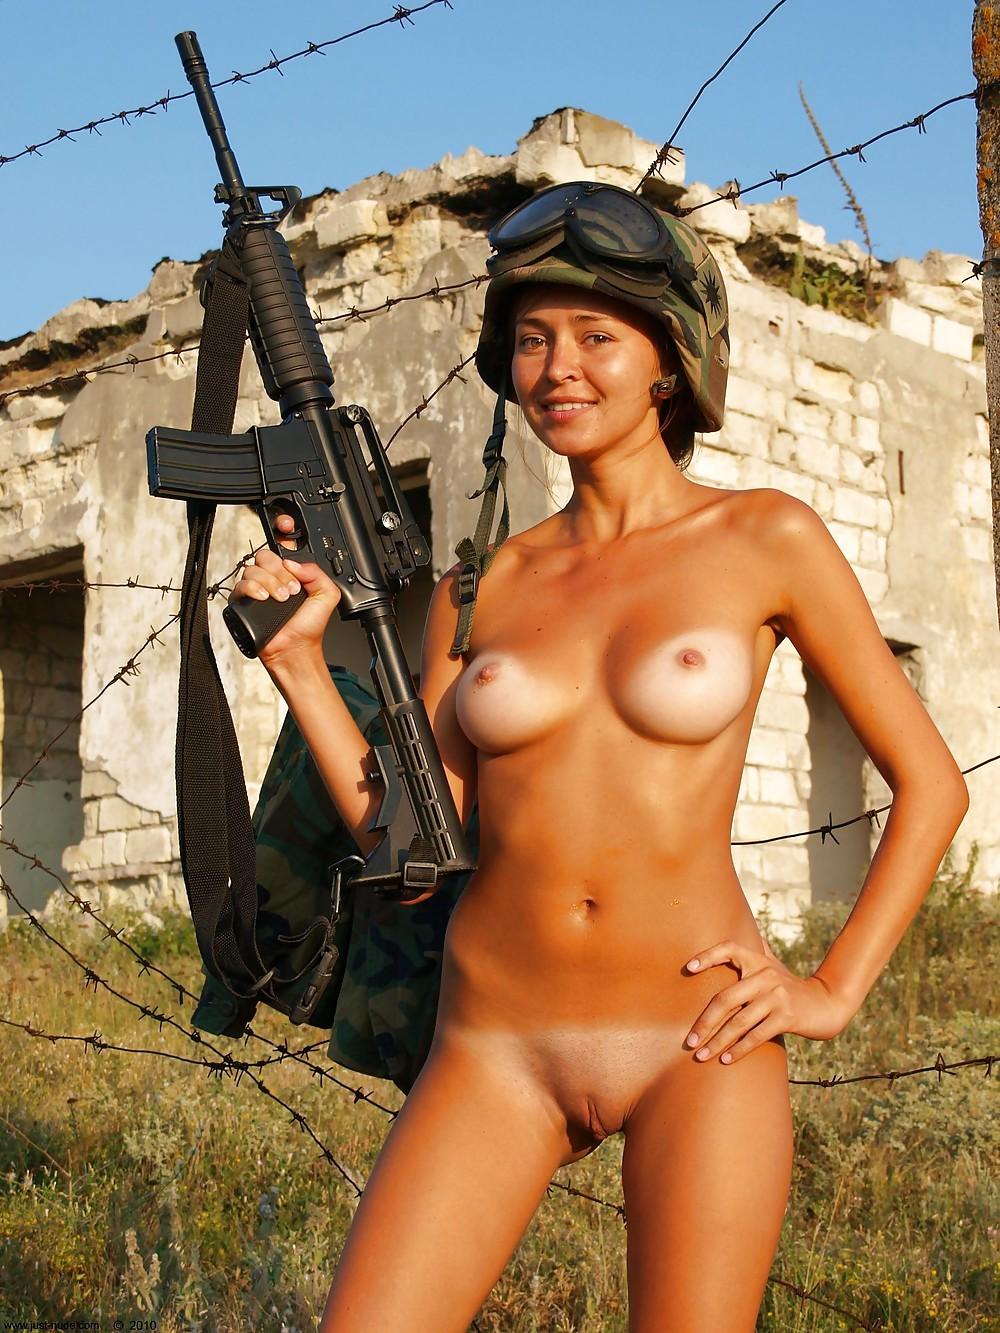 Women army porn photo — pic 5